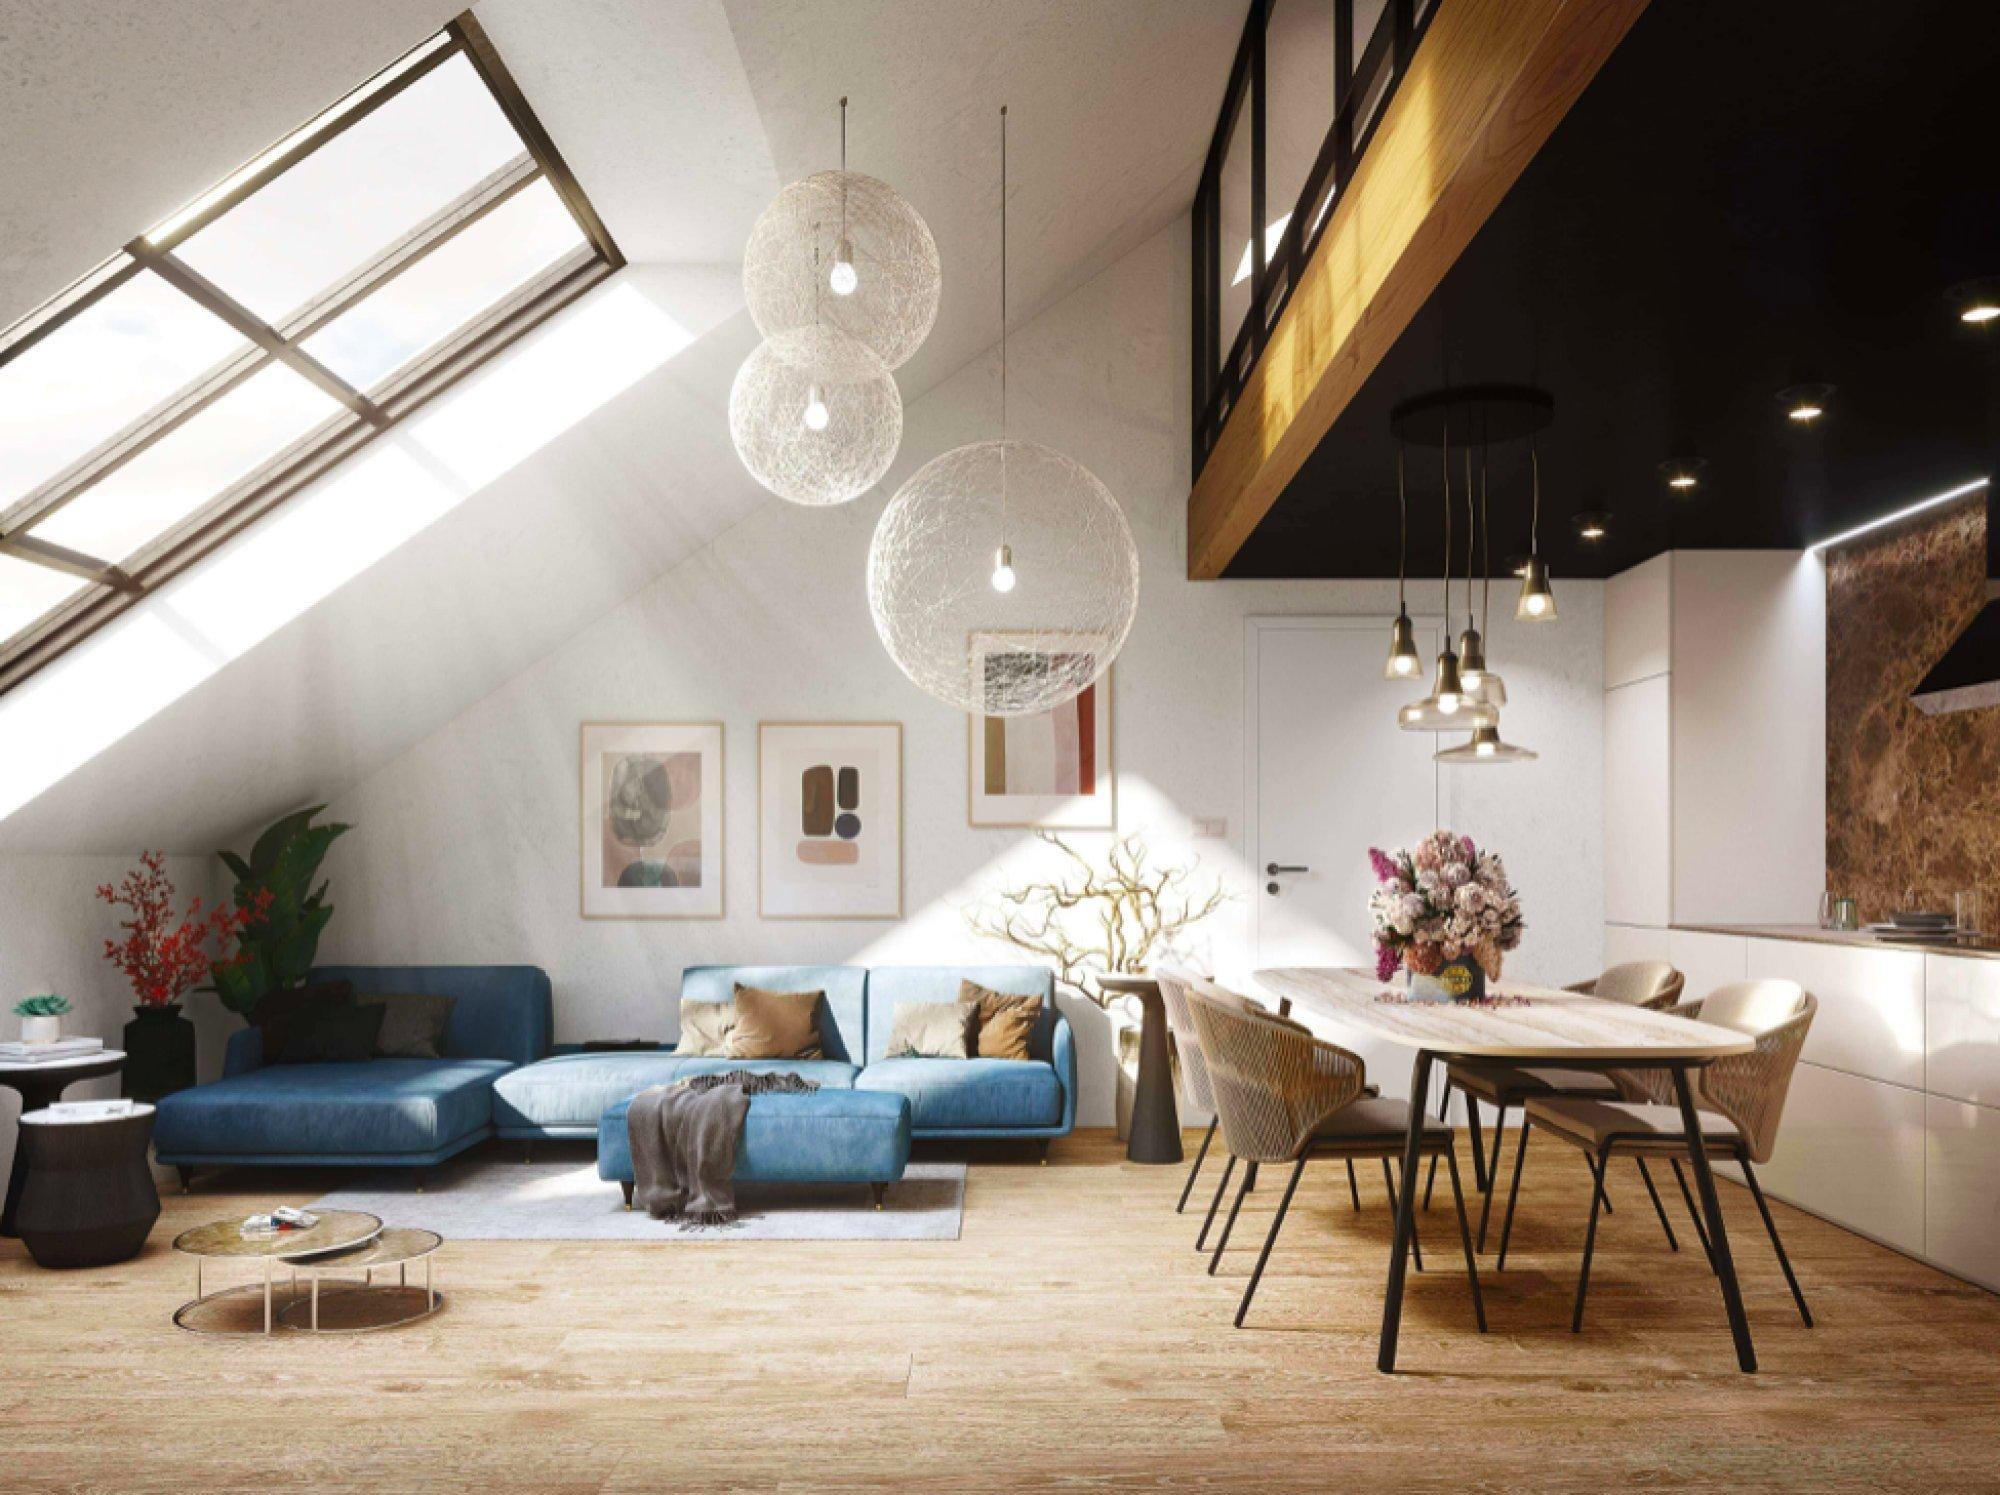 Vizualizace obýváku - Půdní byt 3+kk, plocha 75 m², ulice Legerova, Praha 2 - Nové Město | 3